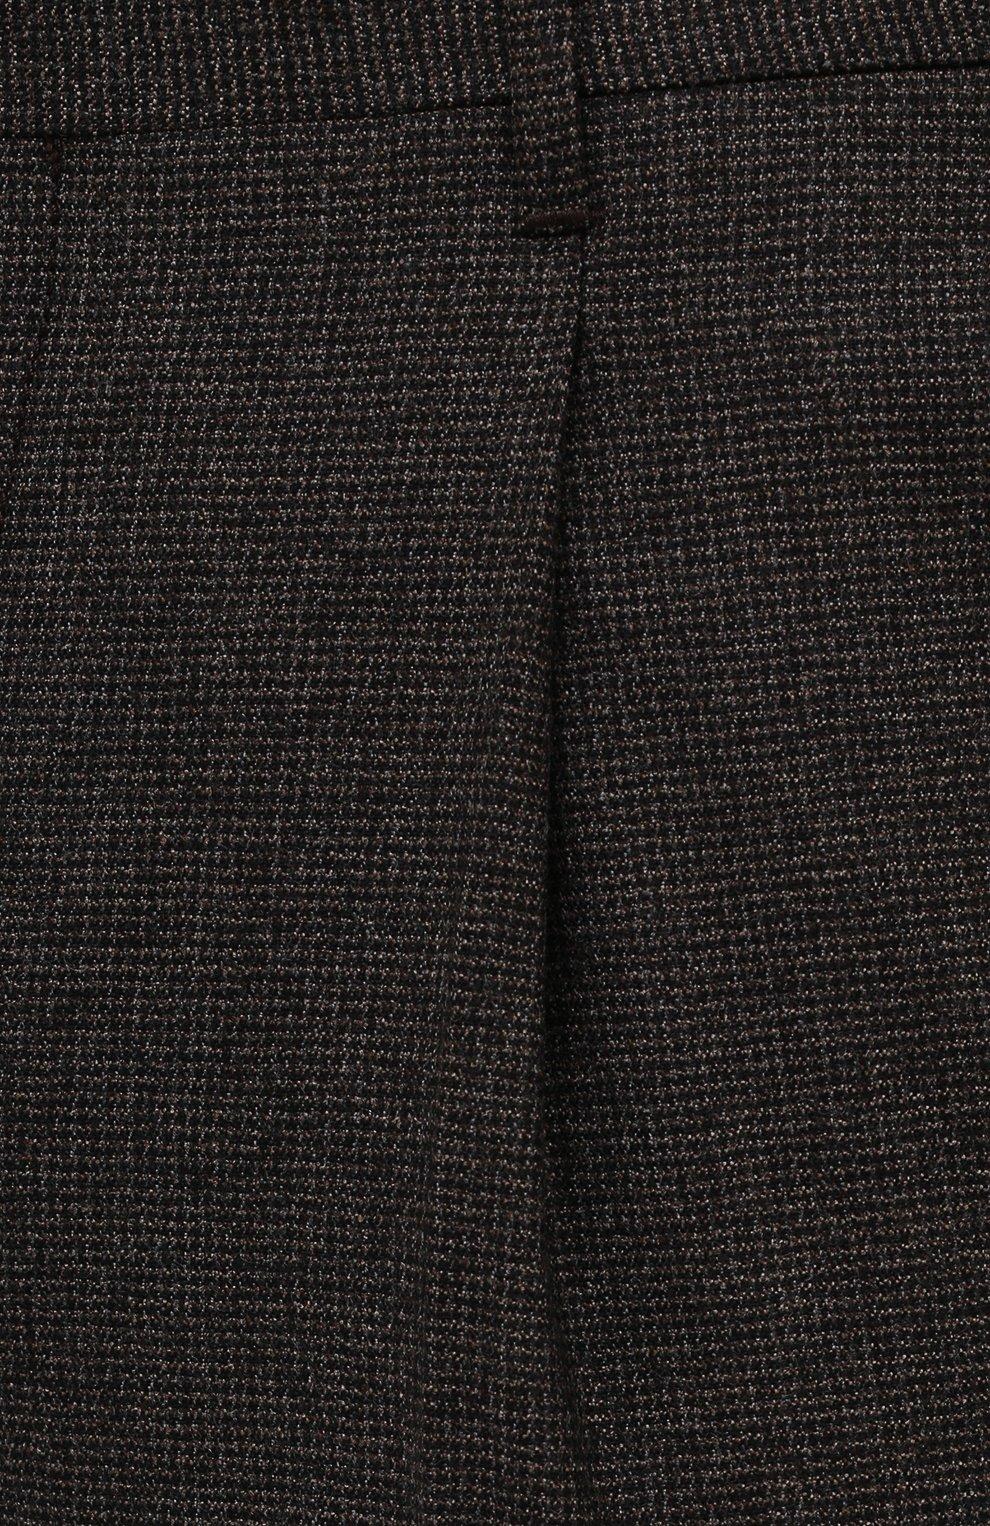 Мужские шерстяные брюки CORNELIANI коричневого цвета, арт. 884L08-1817520/00 | Фото 5 (Материал внешний: Шерсть; Длина (брюки, джинсы): Стандартные; Случай: Формальный; Стили: Кэжуэл)